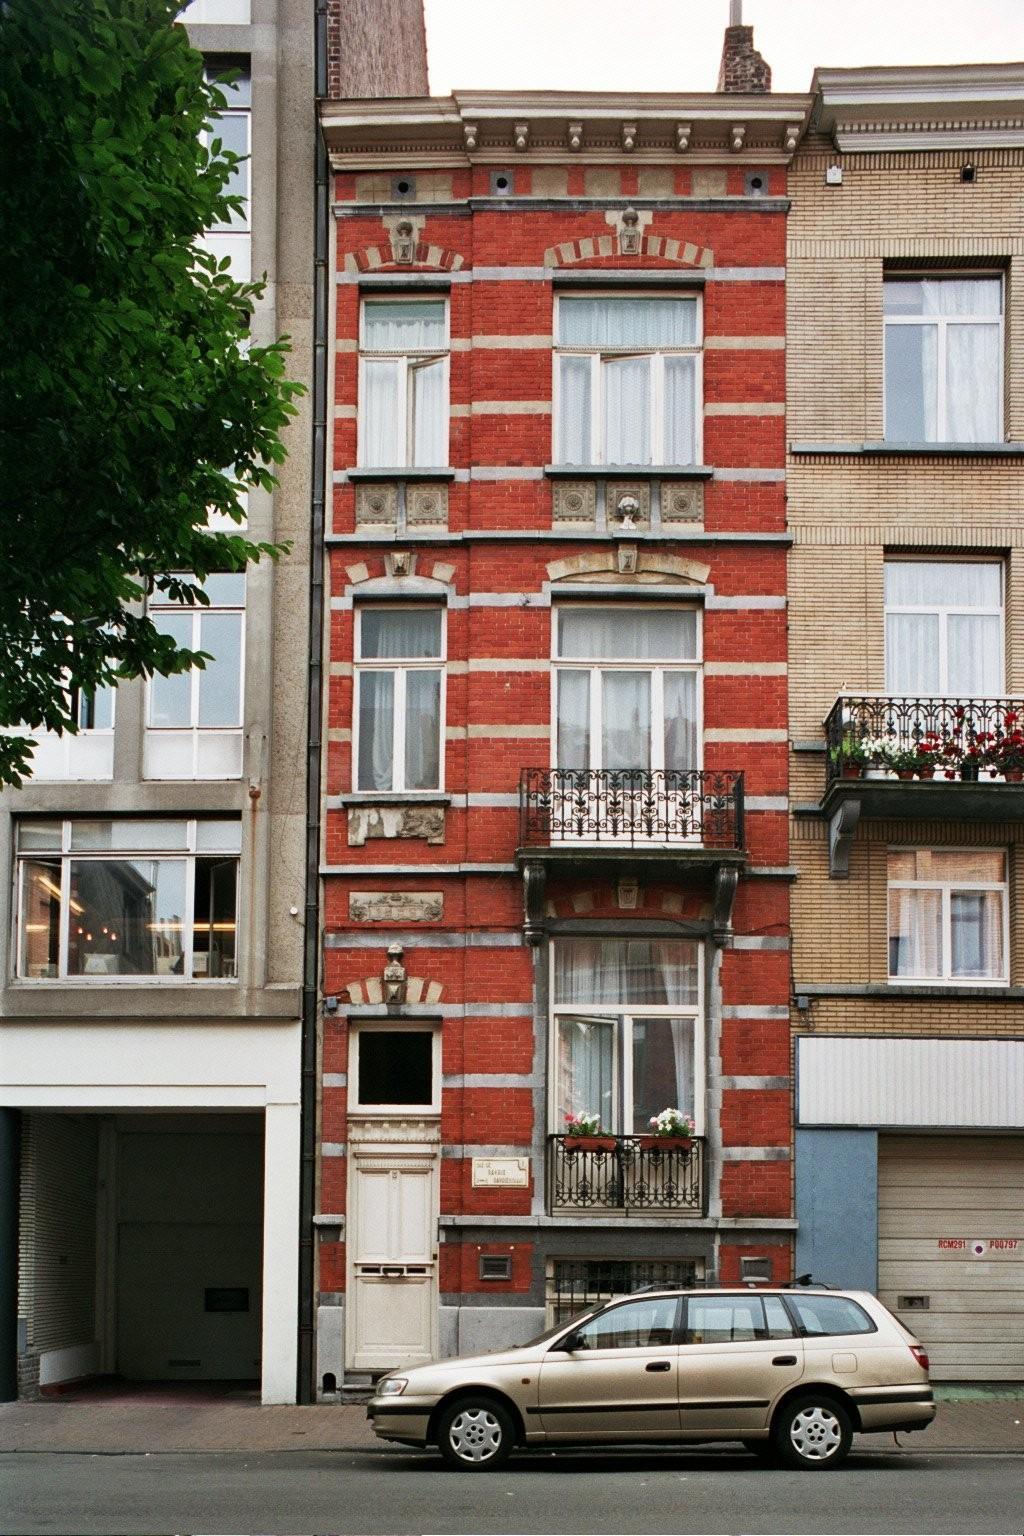 Rue de Savoie 6., 2004